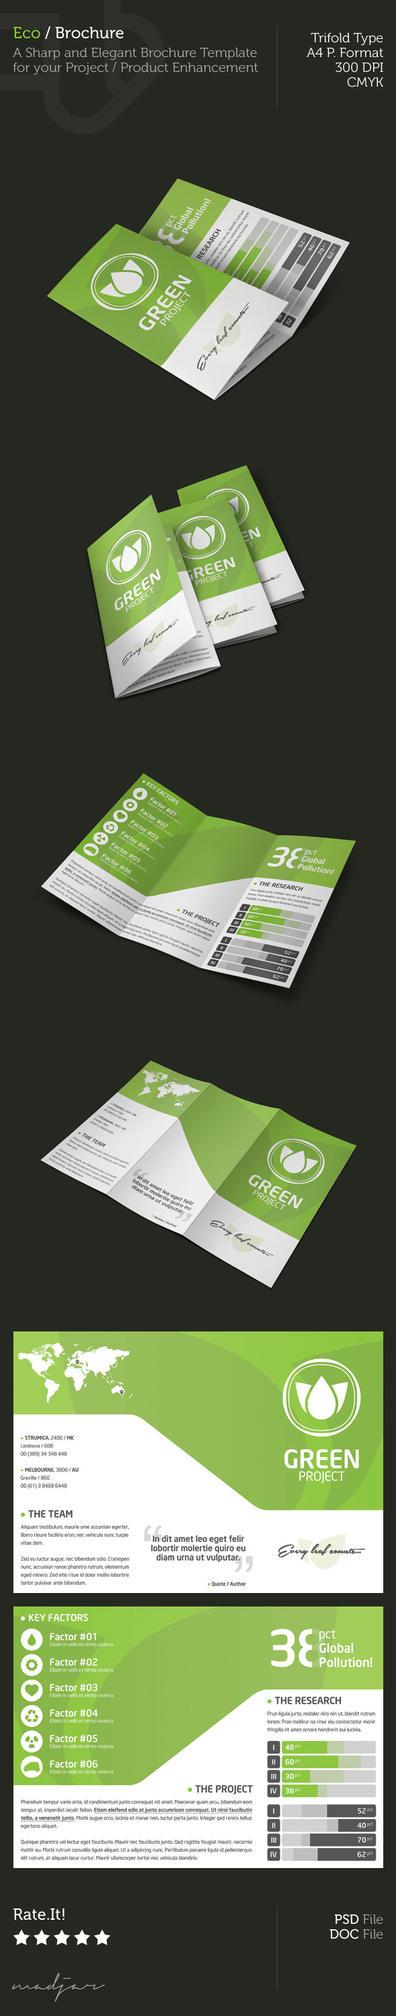 Eco - Trifold Brochure by madjarov